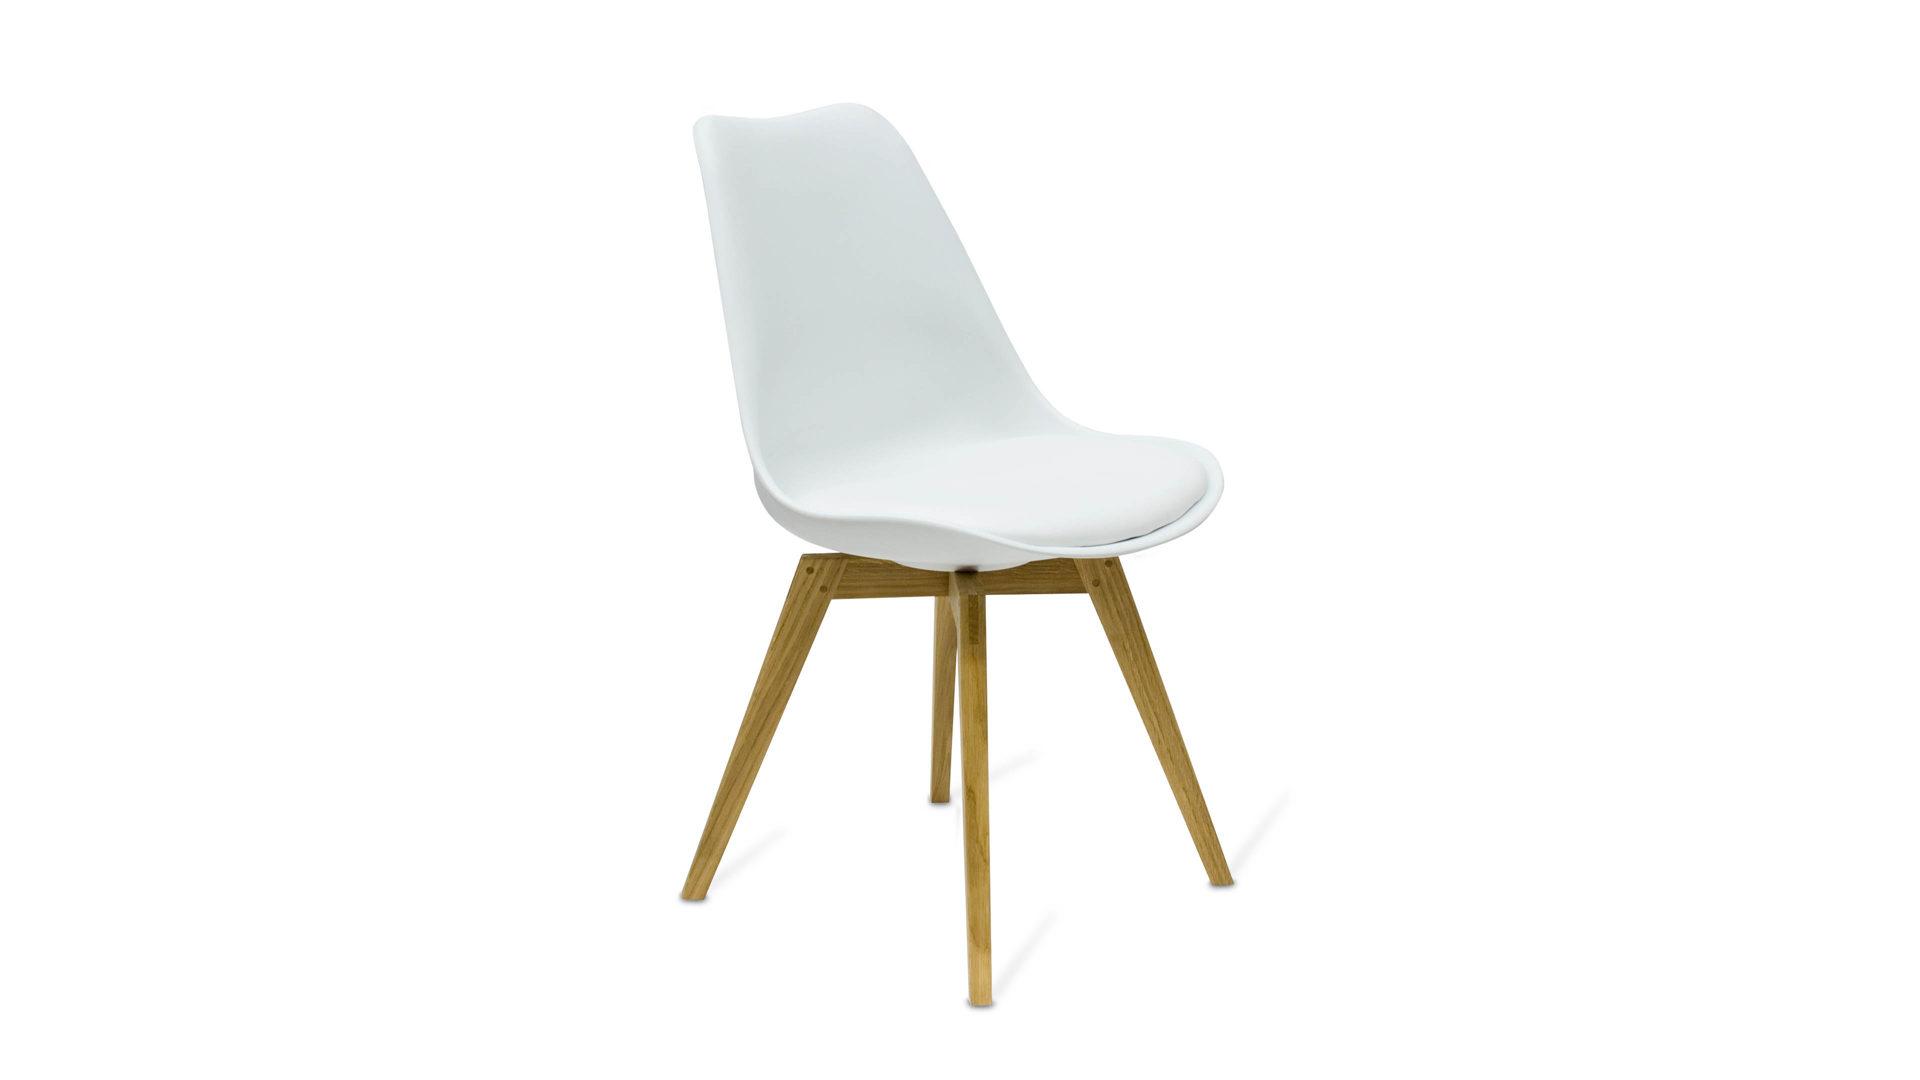 Schreibtischstuhl weiß holz  Einrichtungspartner Ring | Stühle | Stuhl, der als bequemes ...